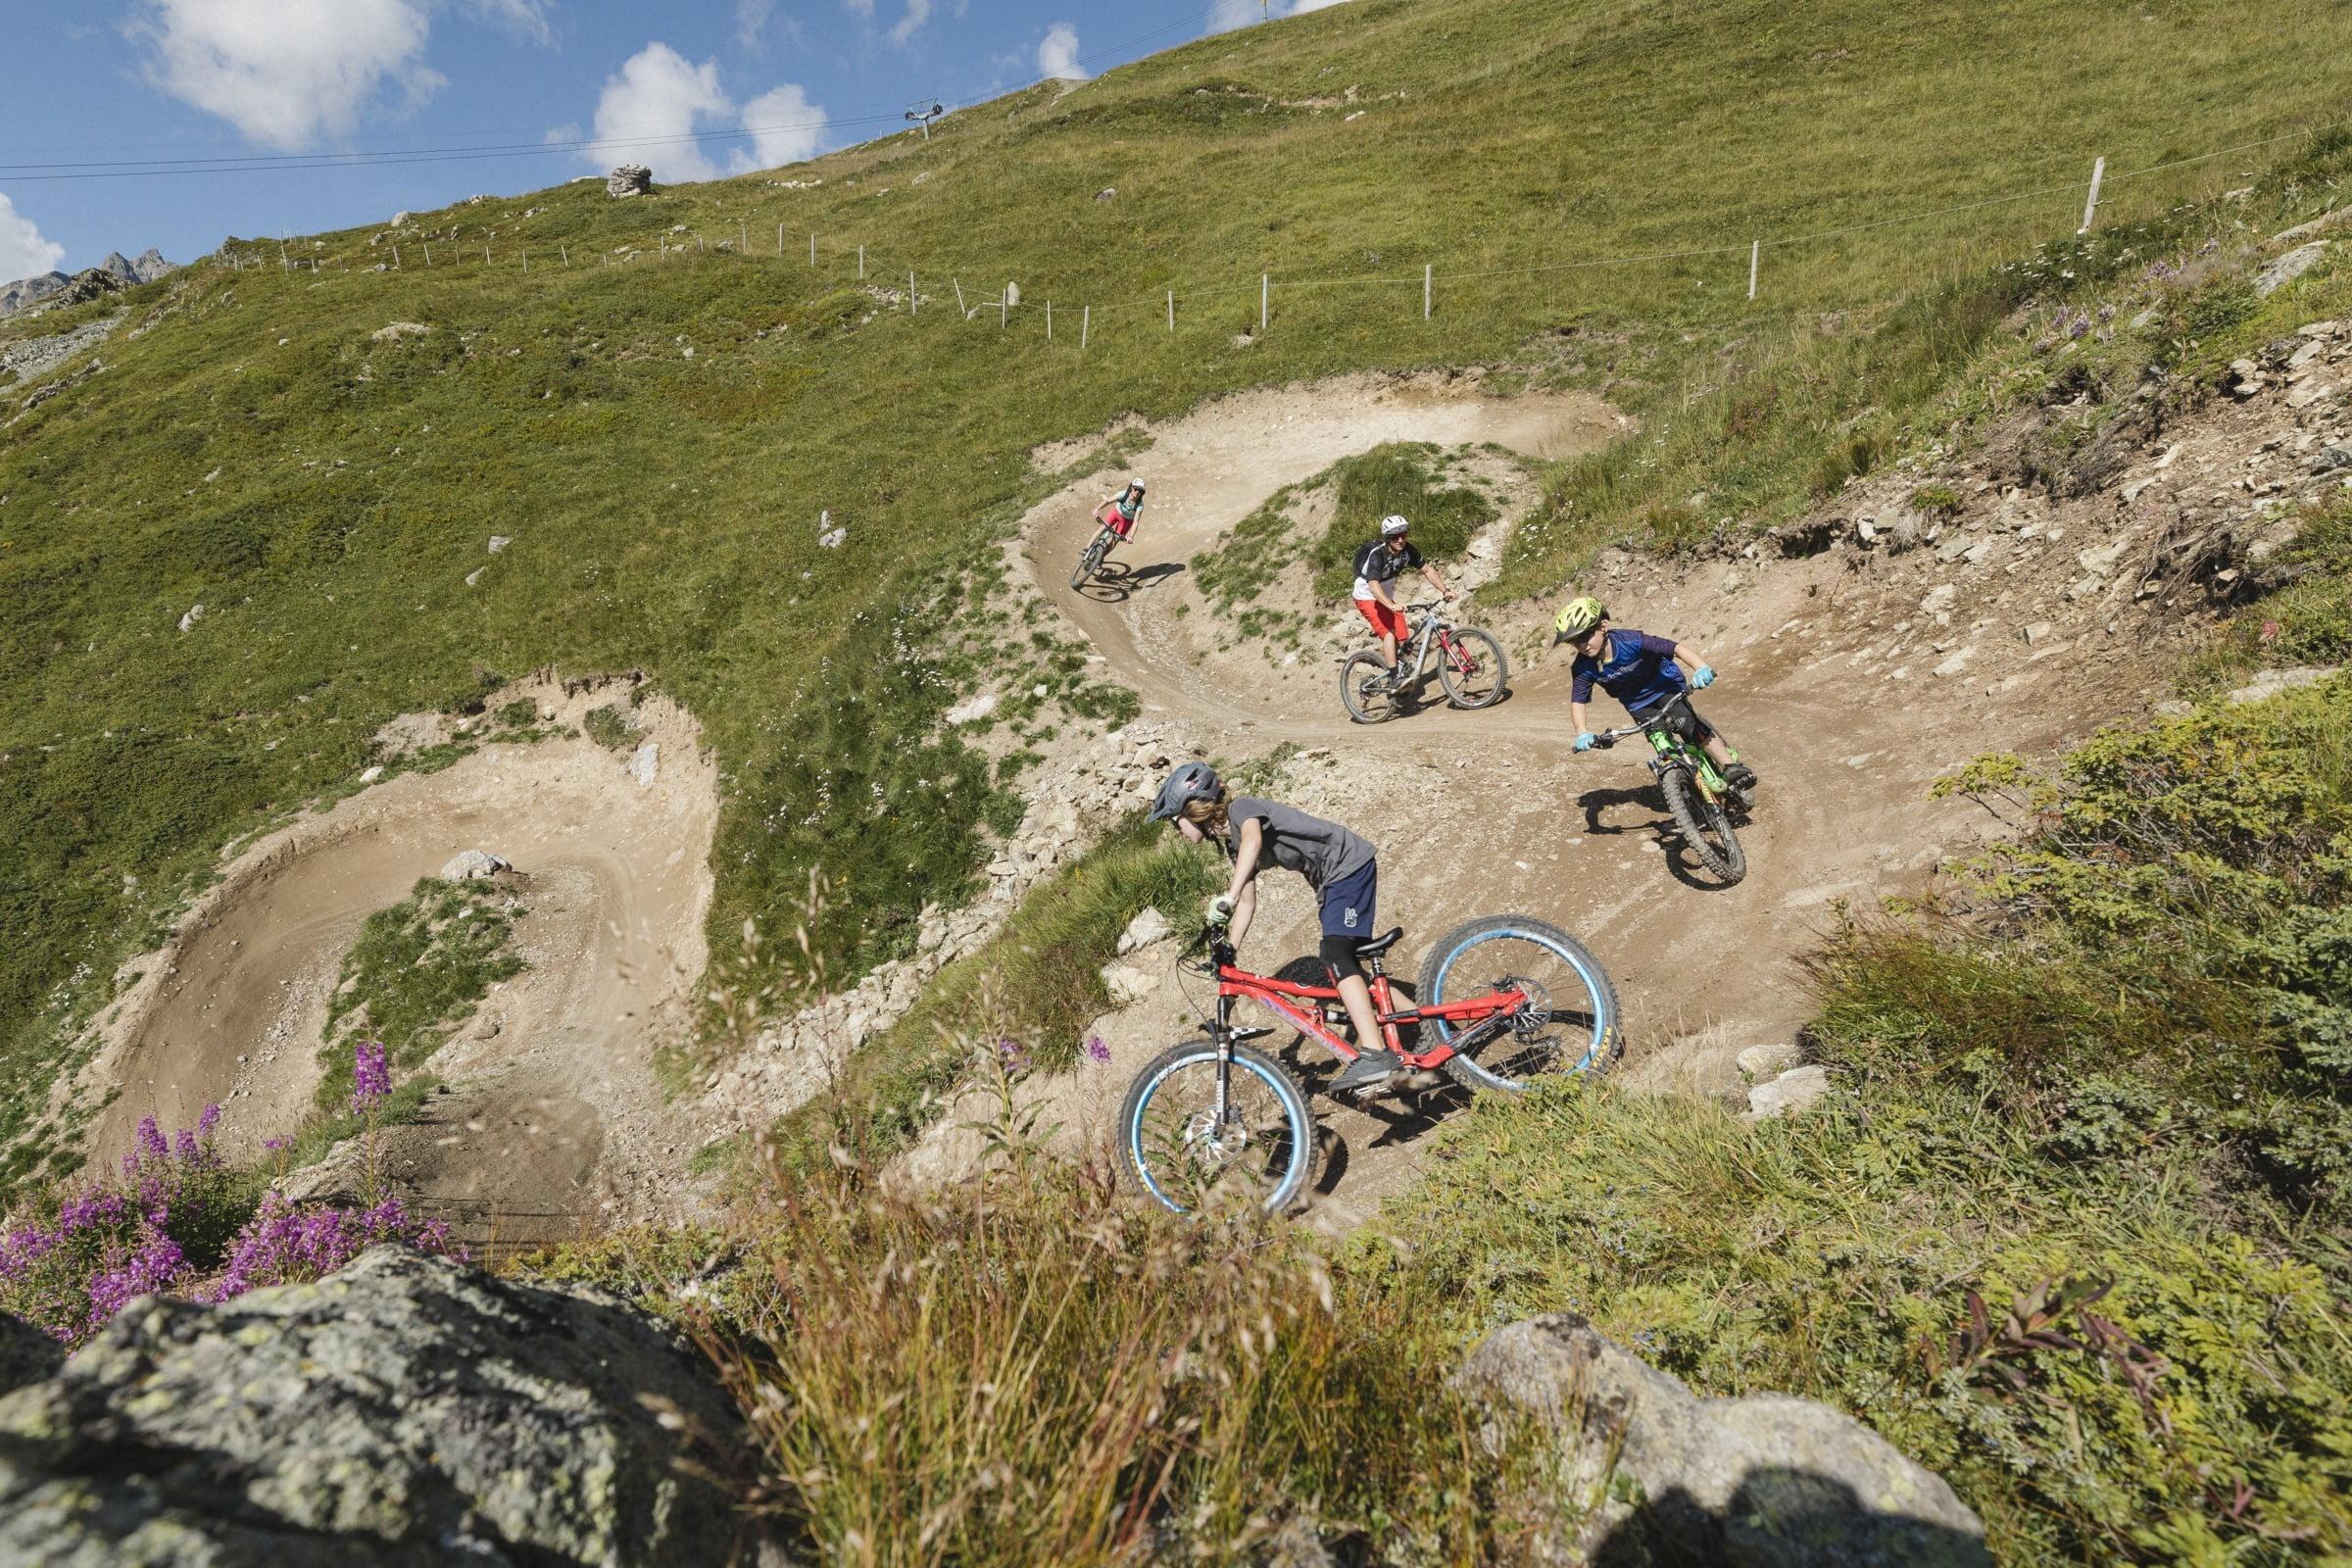 Willkommen auf dem Biker-Berg